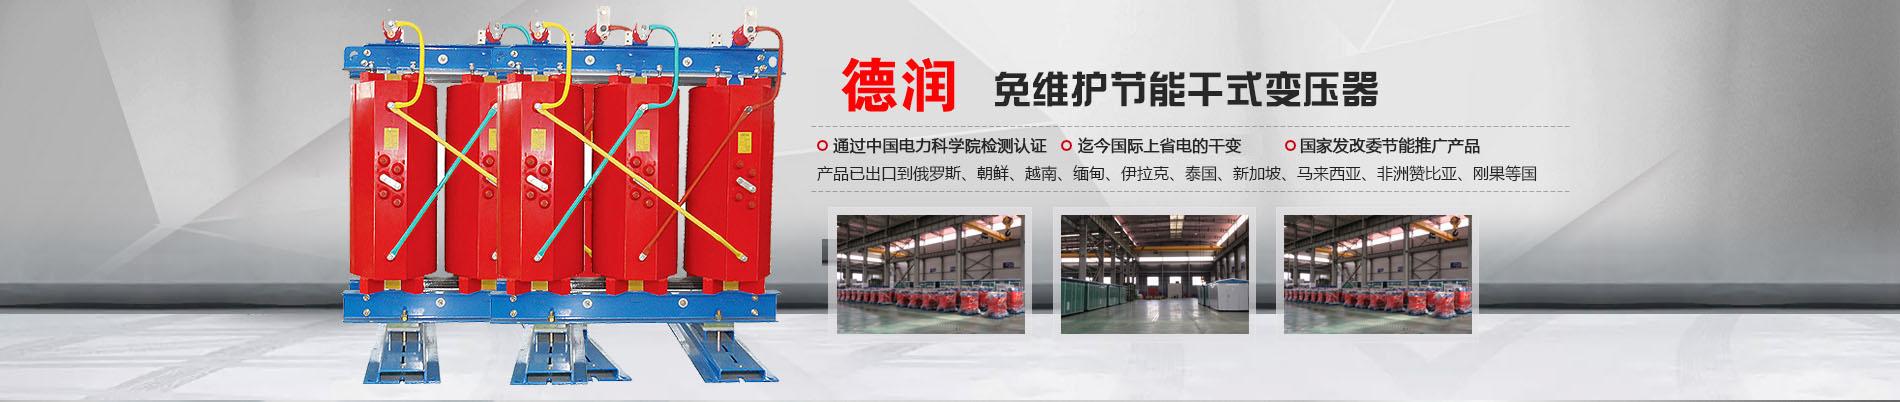 阳江干式变压器厂家